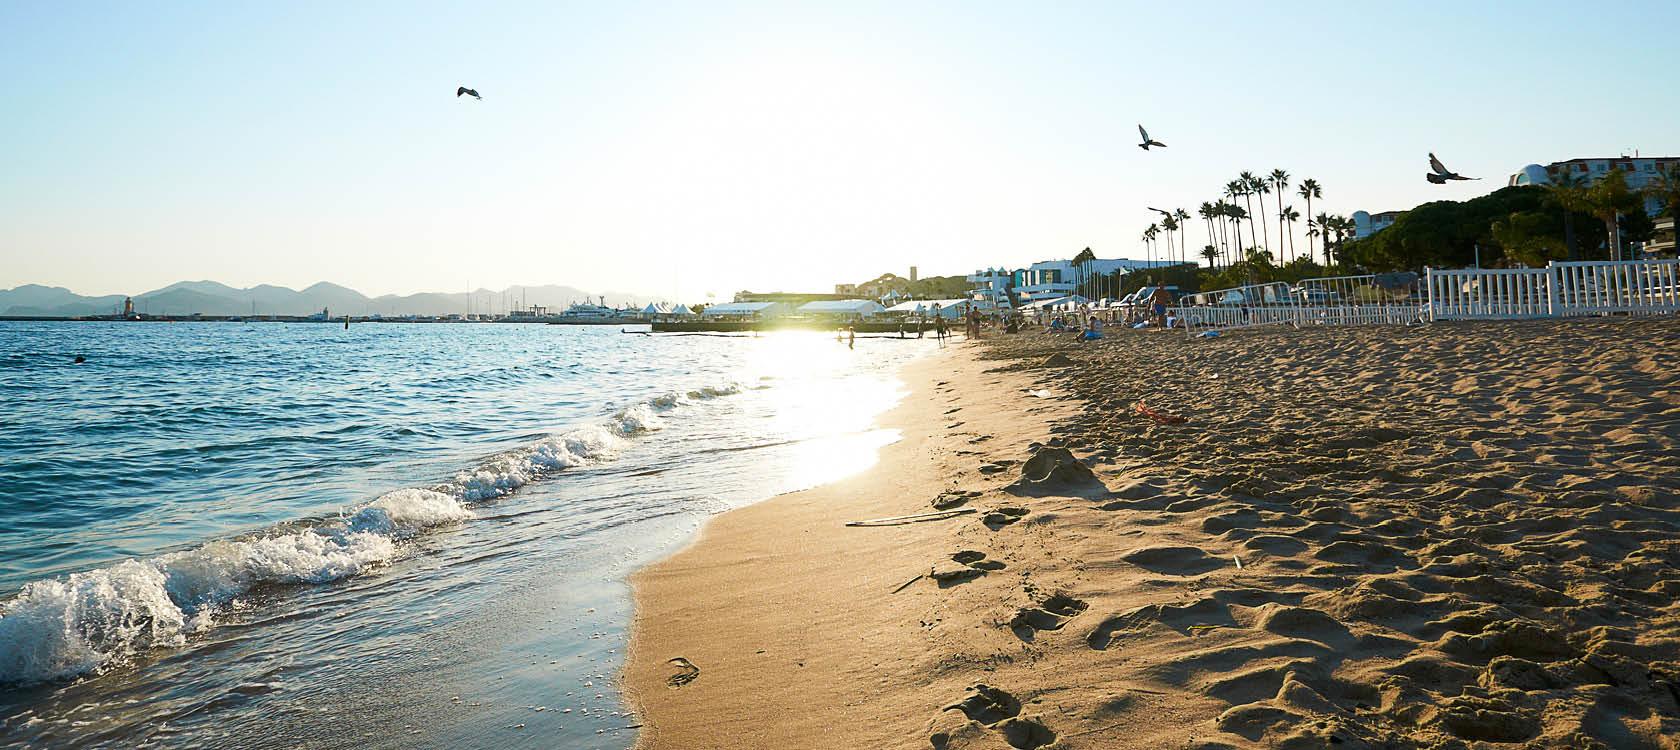 Stranden och havet vid Cannes, utmed den franska Rivieran.